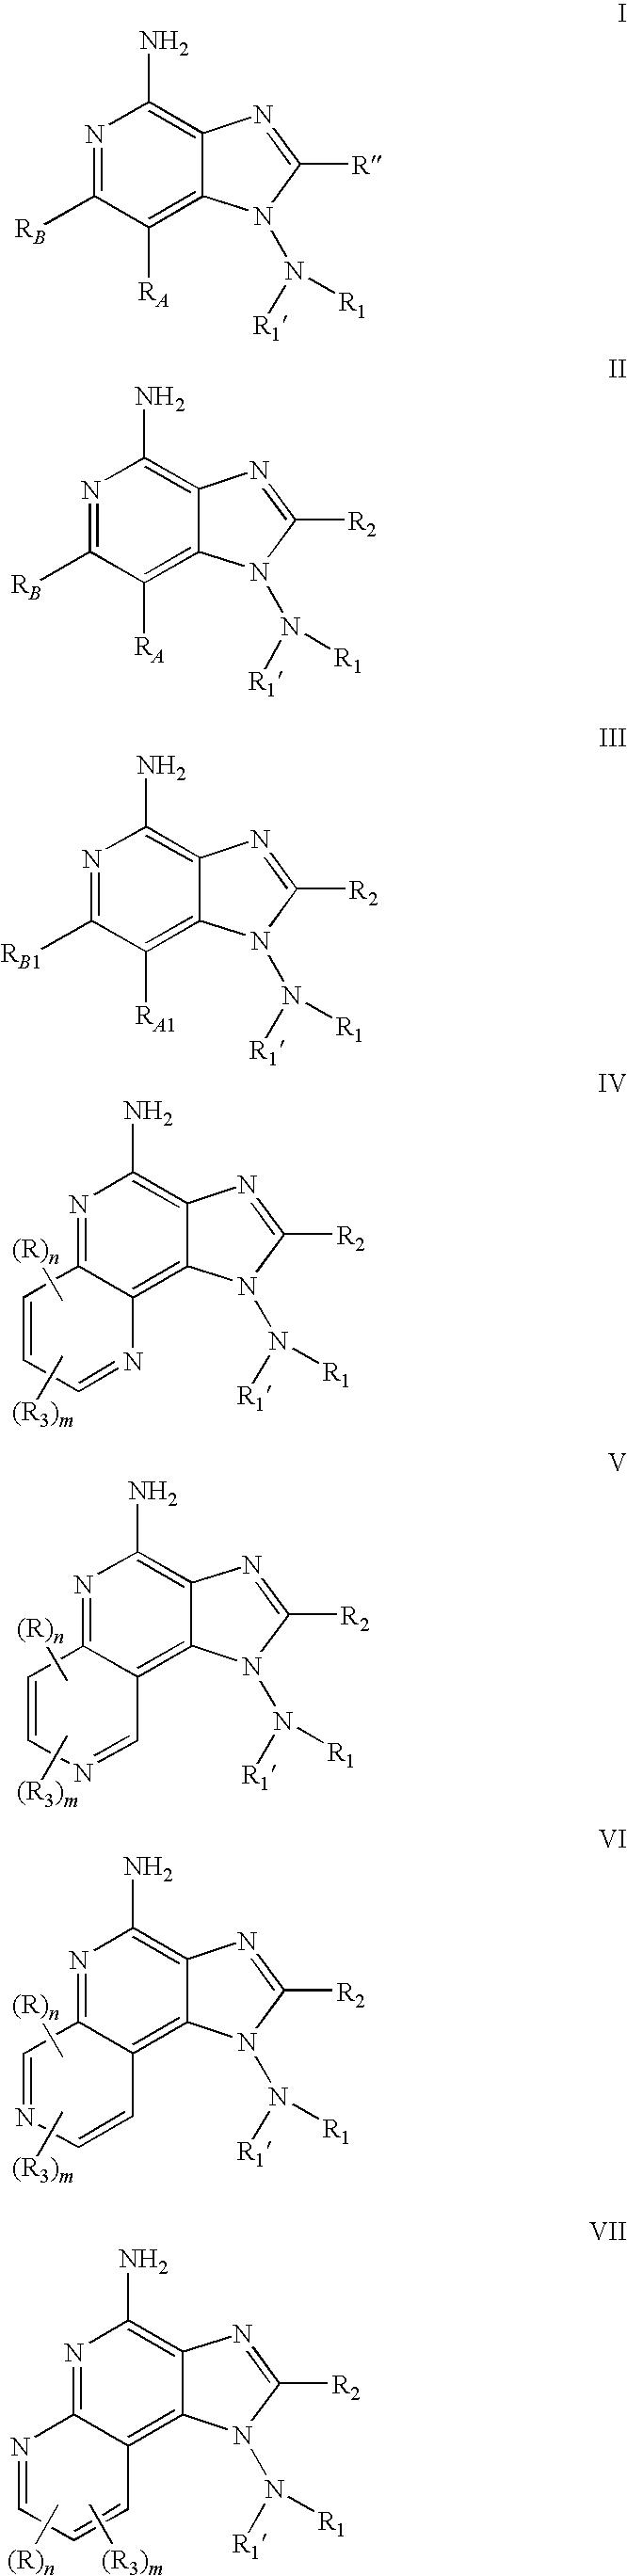 Figure US20090270443A1-20091029-C00005